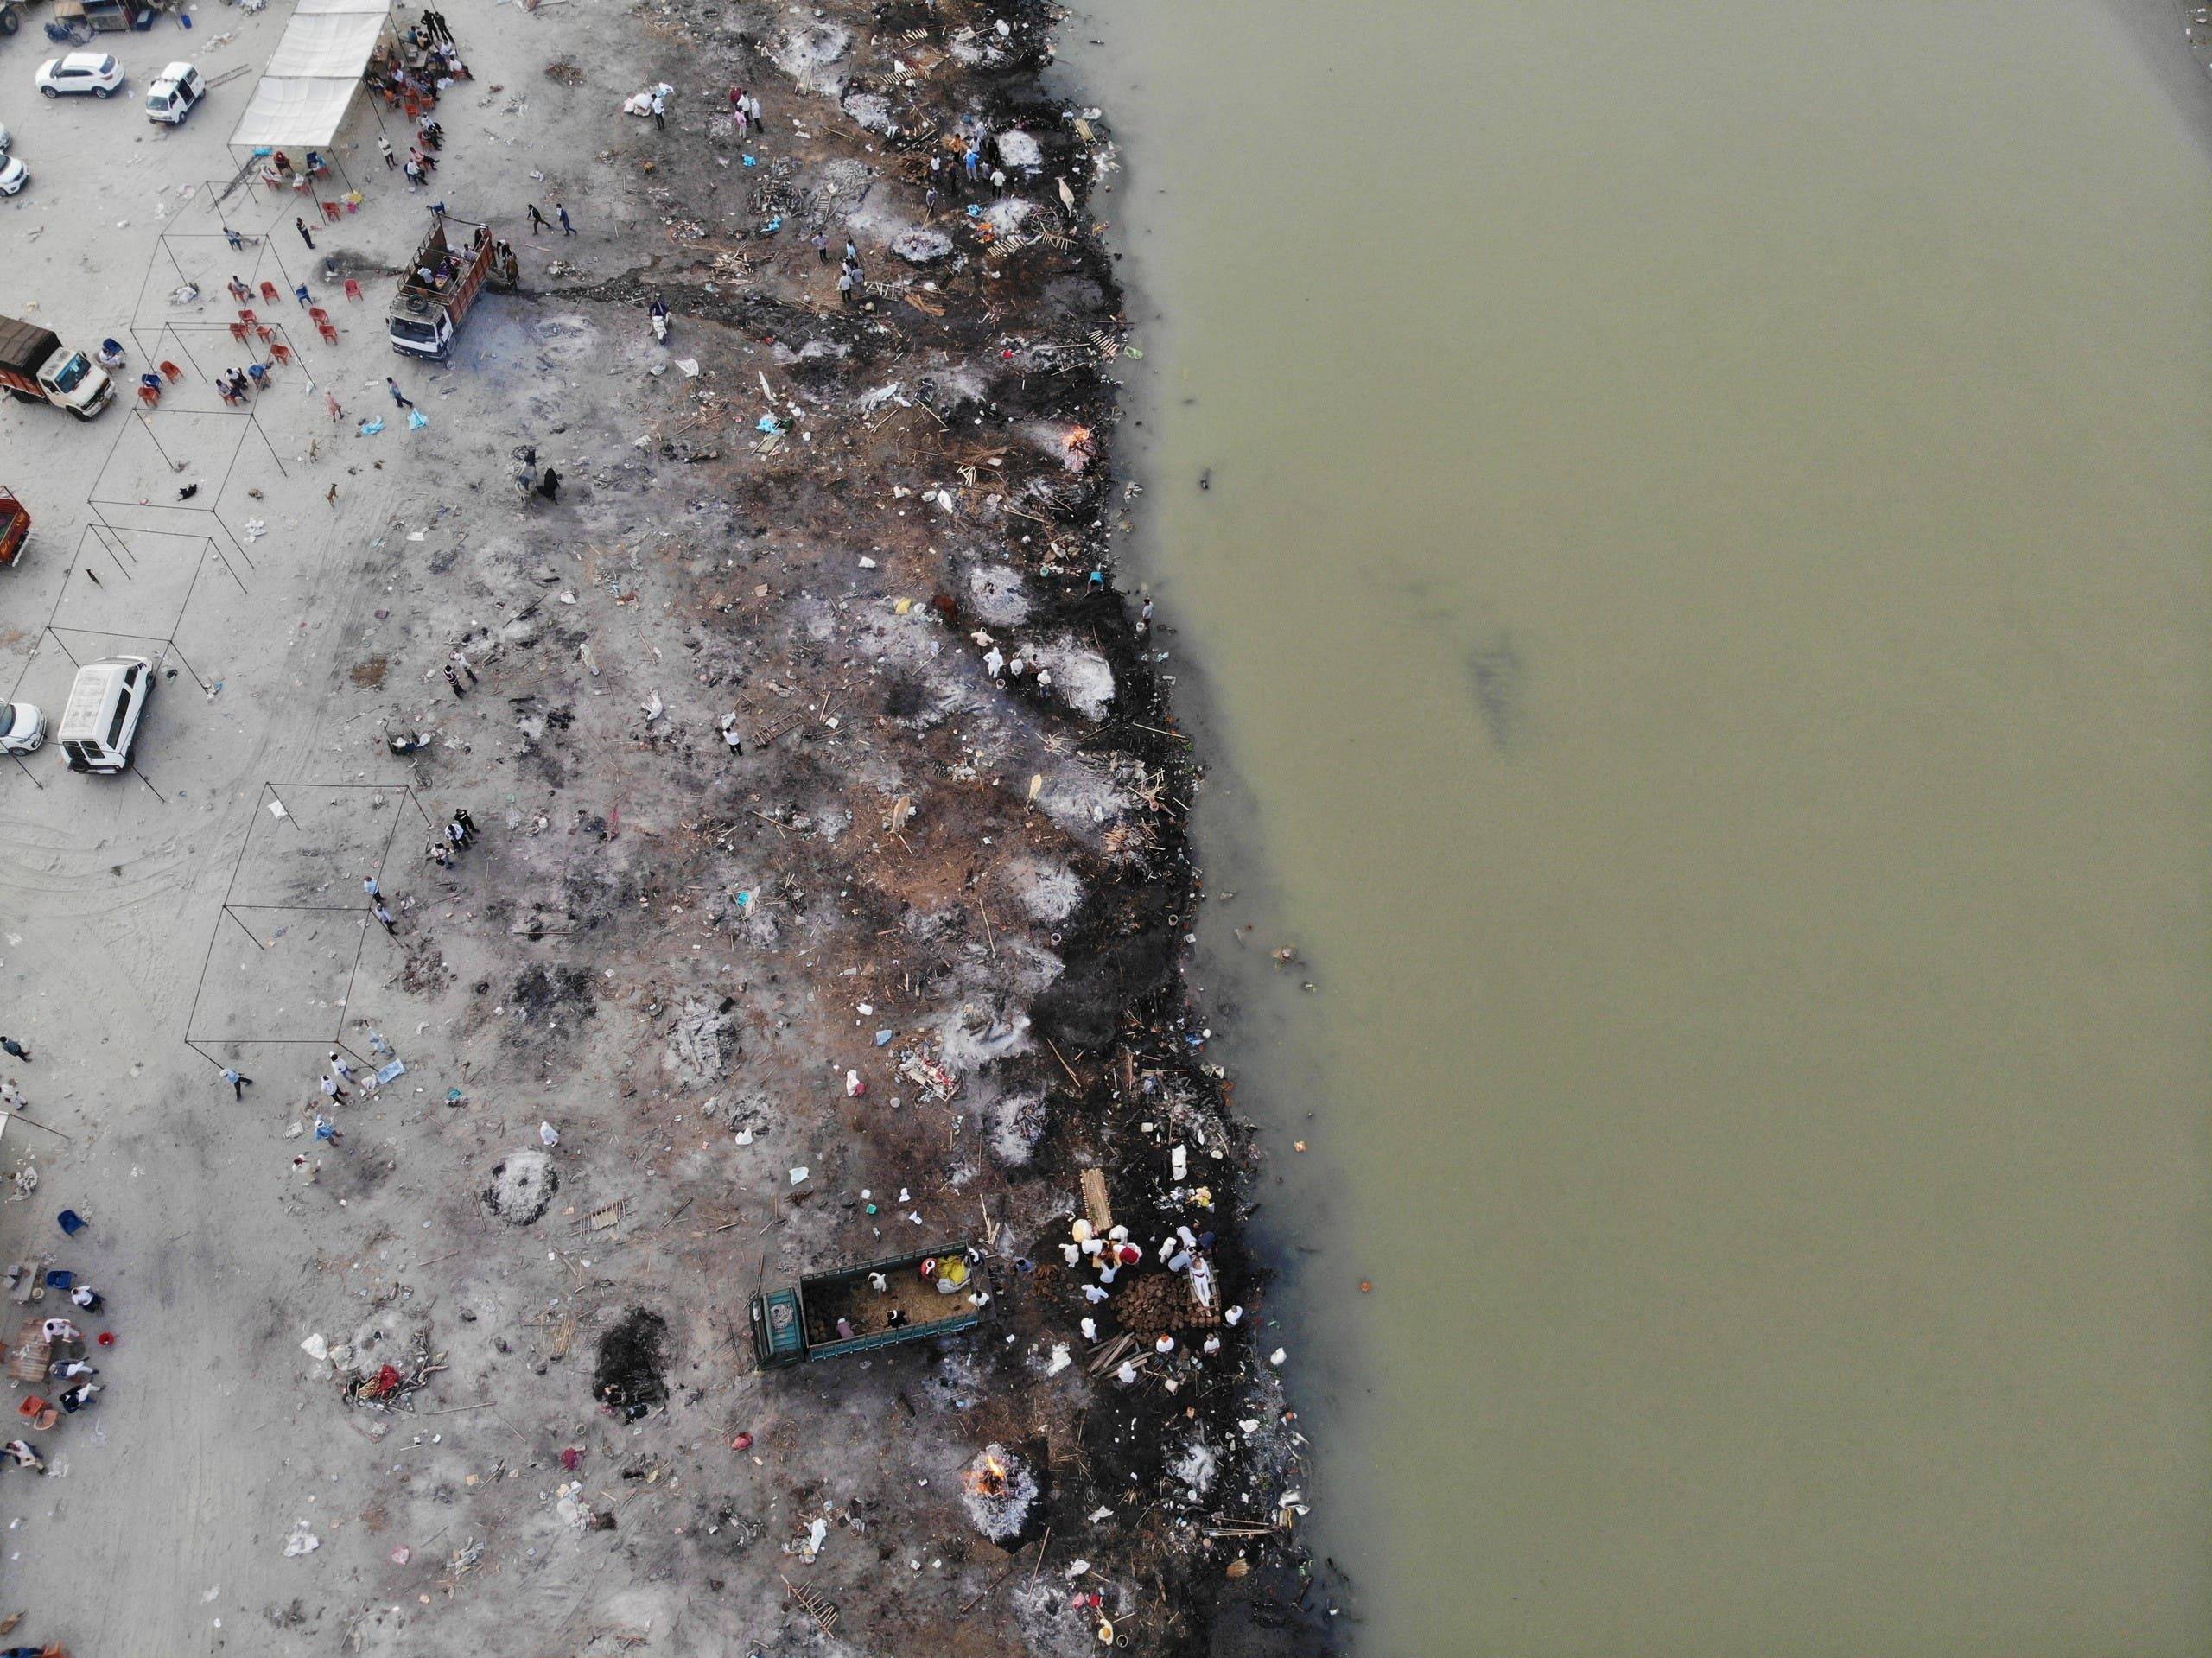 جثث كورونا في نهر الهند